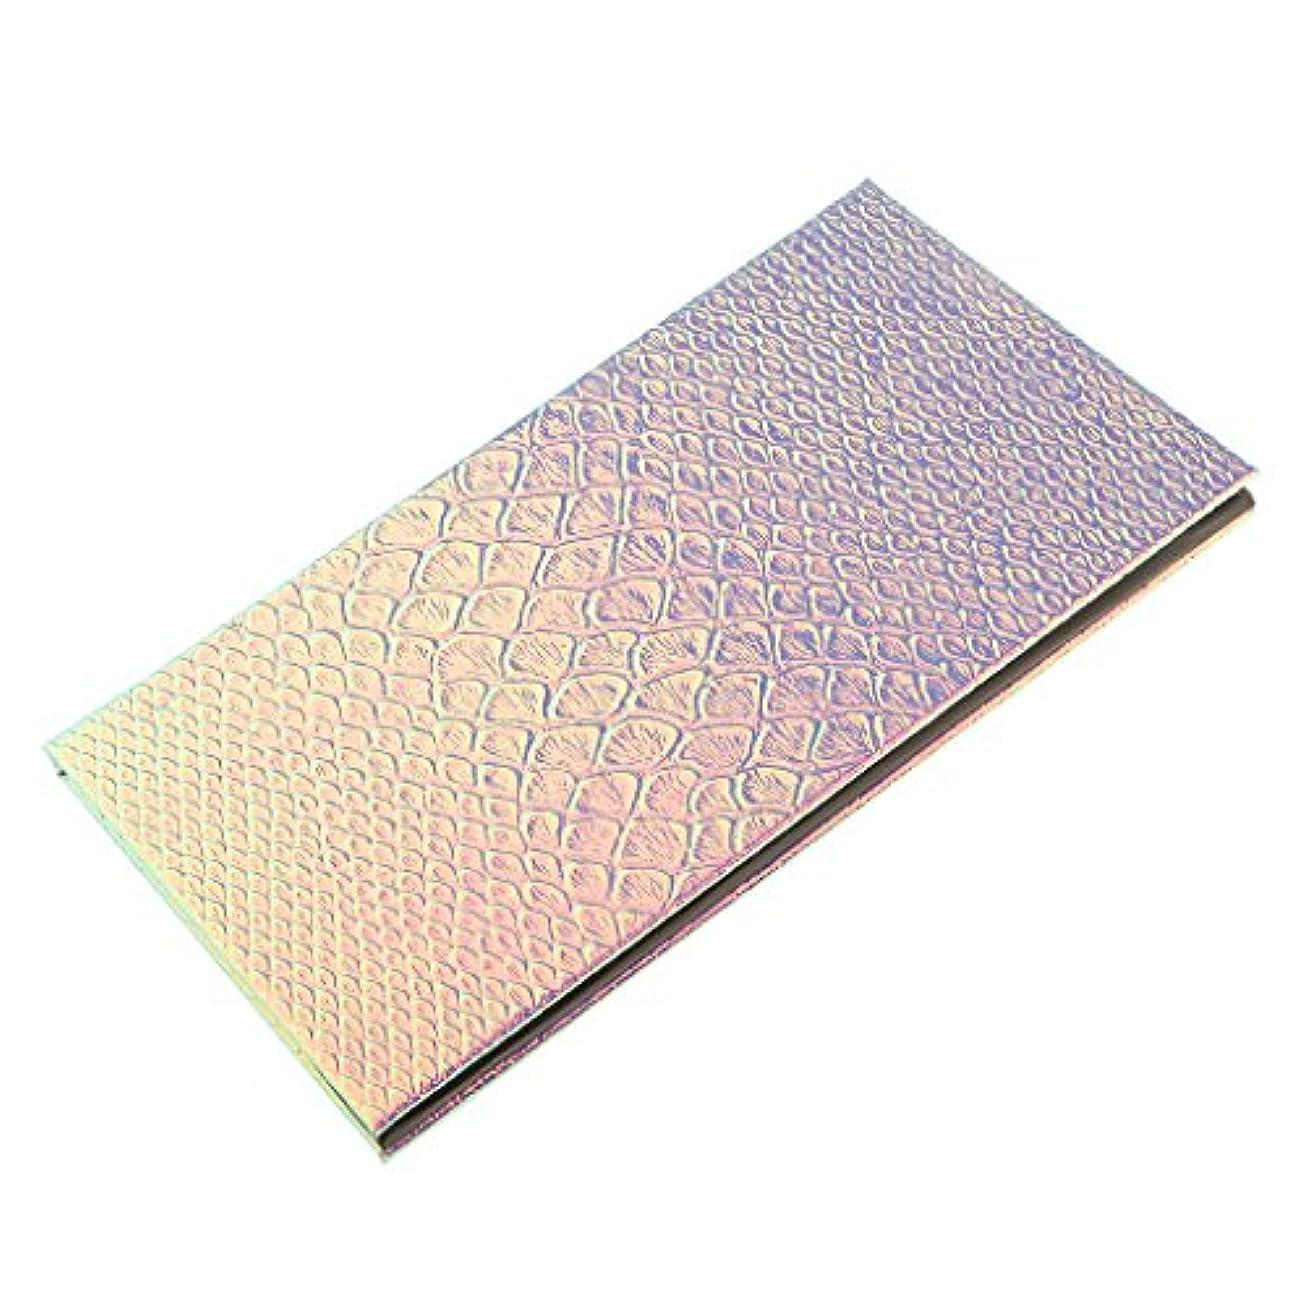 崇拝する珍しいグローブBaosity 磁気パレットボックス 空の磁気パレット メイクアップ 化粧 コスメ 収納 ボックス 全2サイズ選べ - 18x10cm